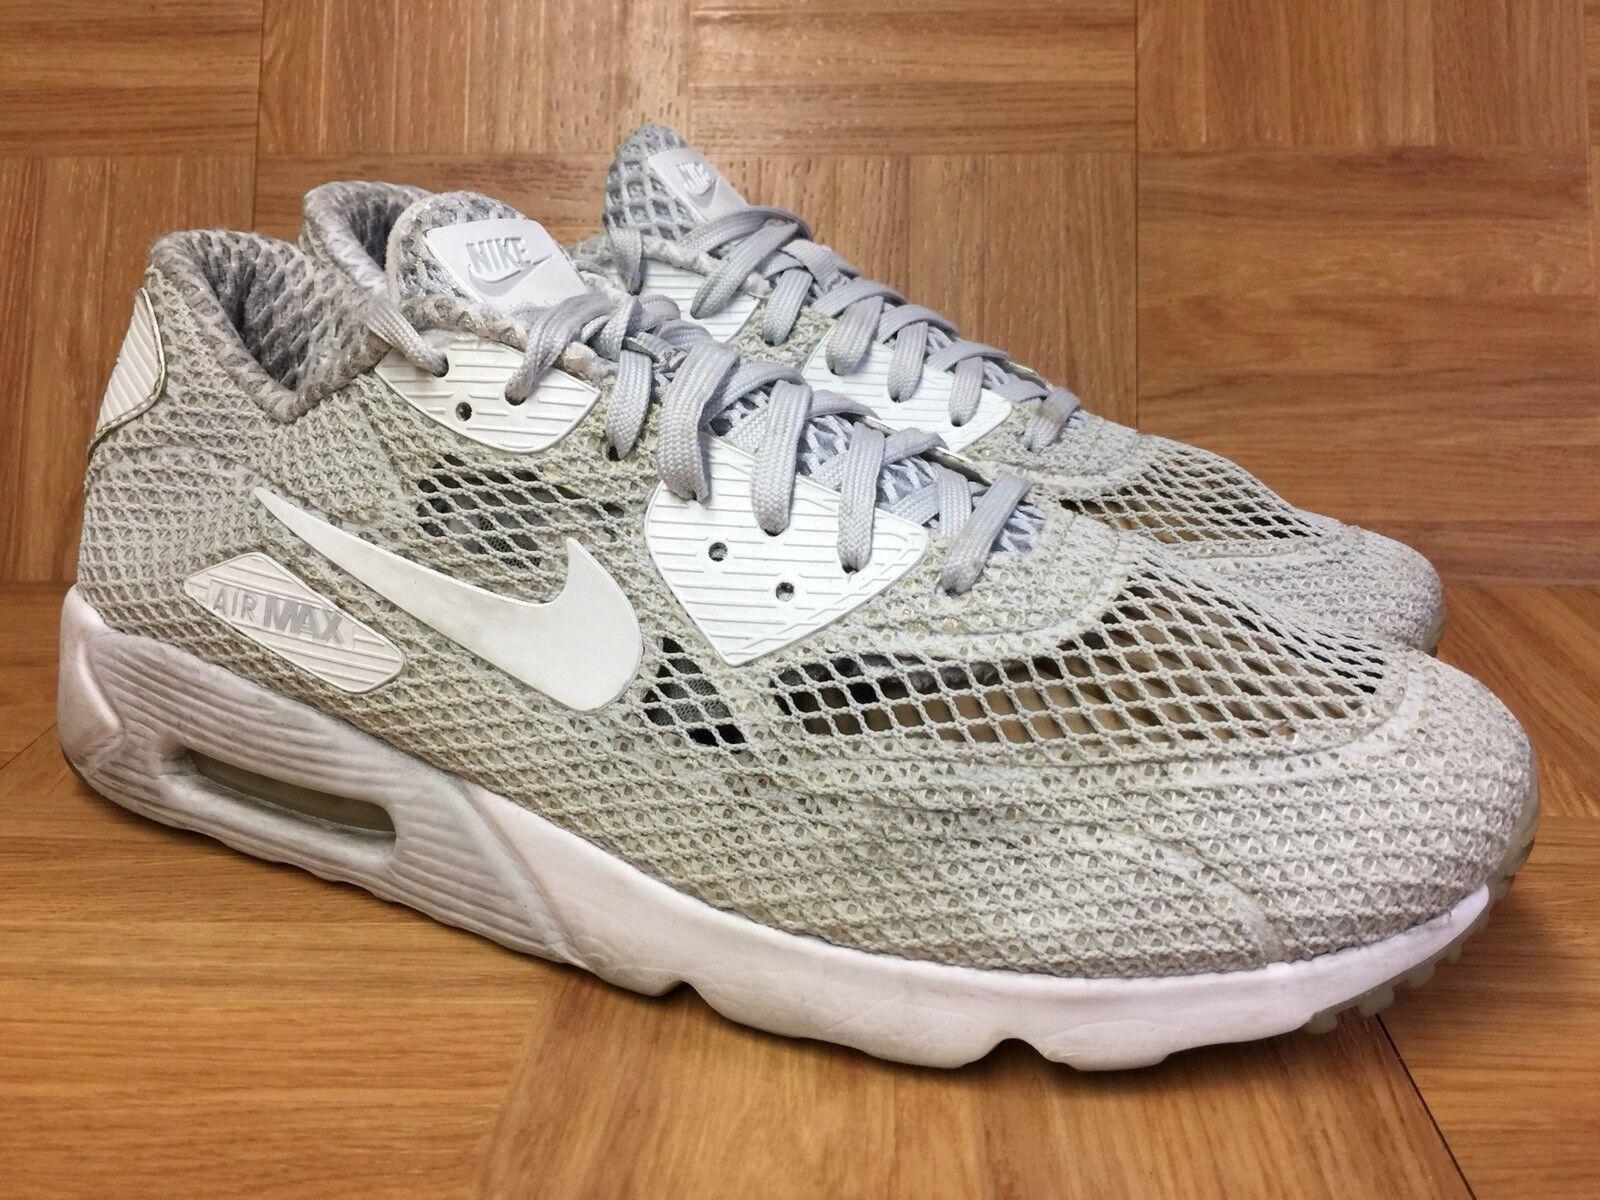 885ef033f15381 Worn Nike Nike Nike Air Max 90 Ultra BR PLUS QS Platinum White shoes Sz 13